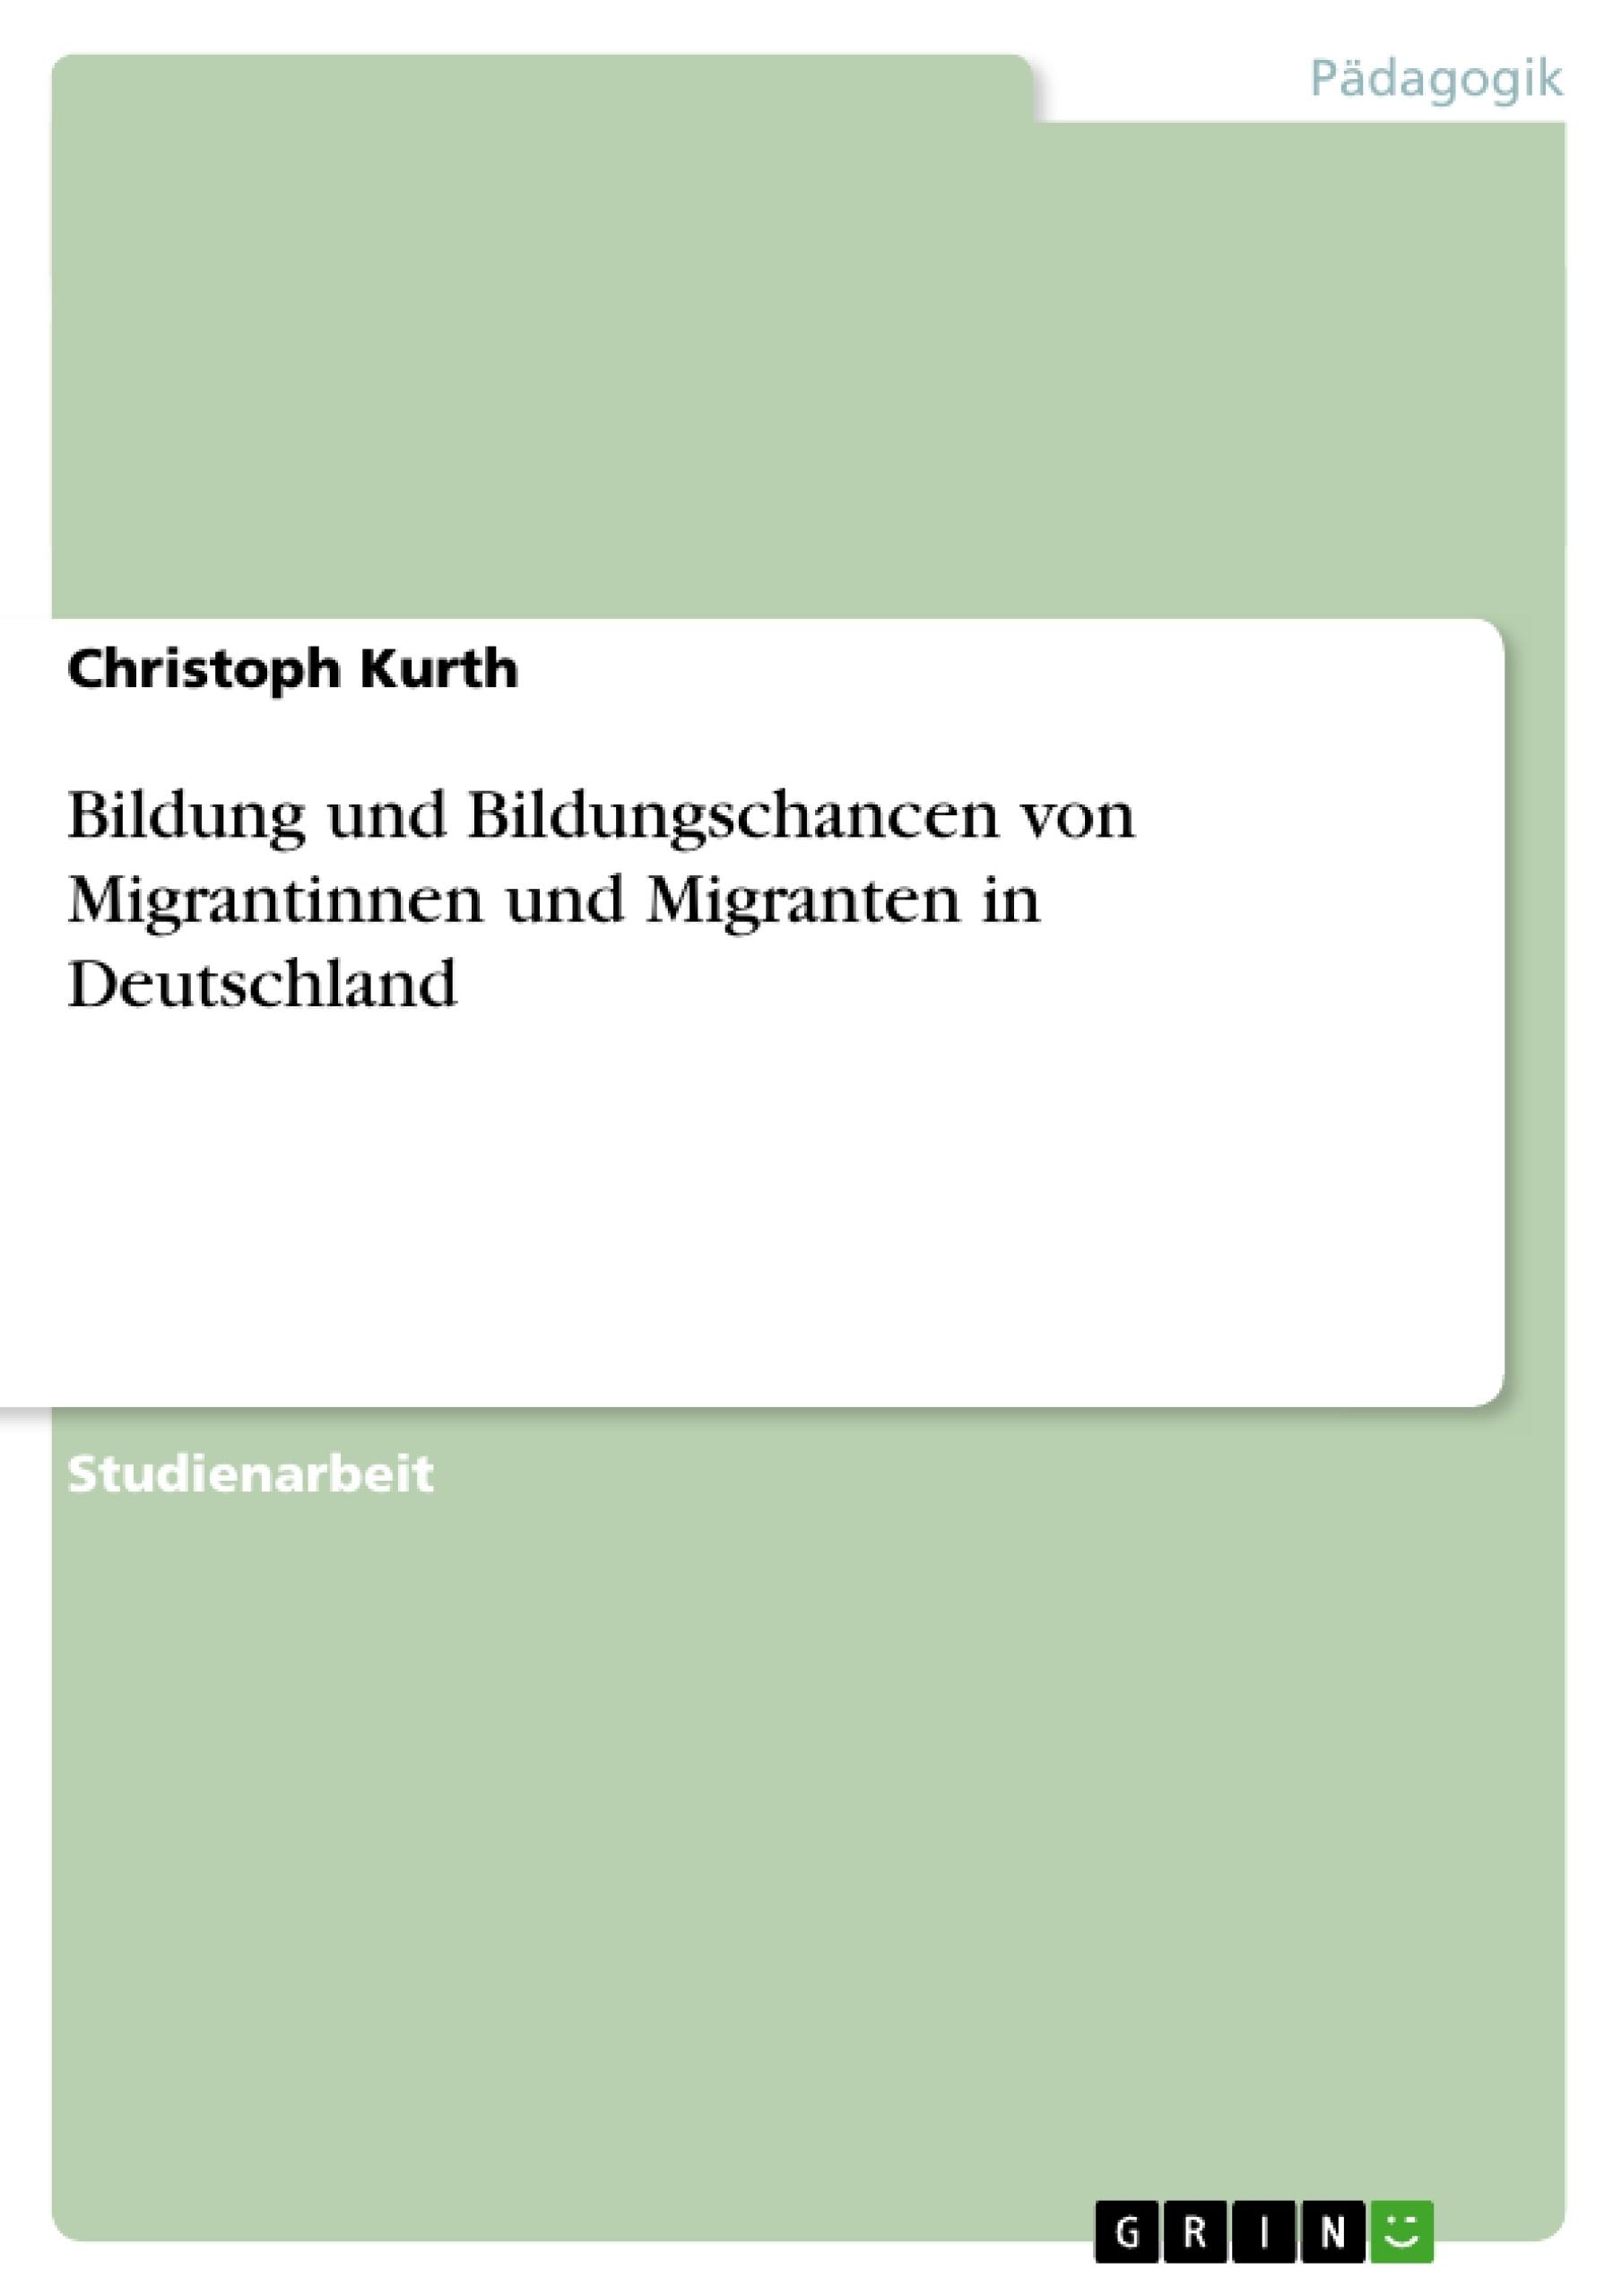 Titel: Bildung und Bildungschancen von Migrantinnen und Migranten in Deutschland